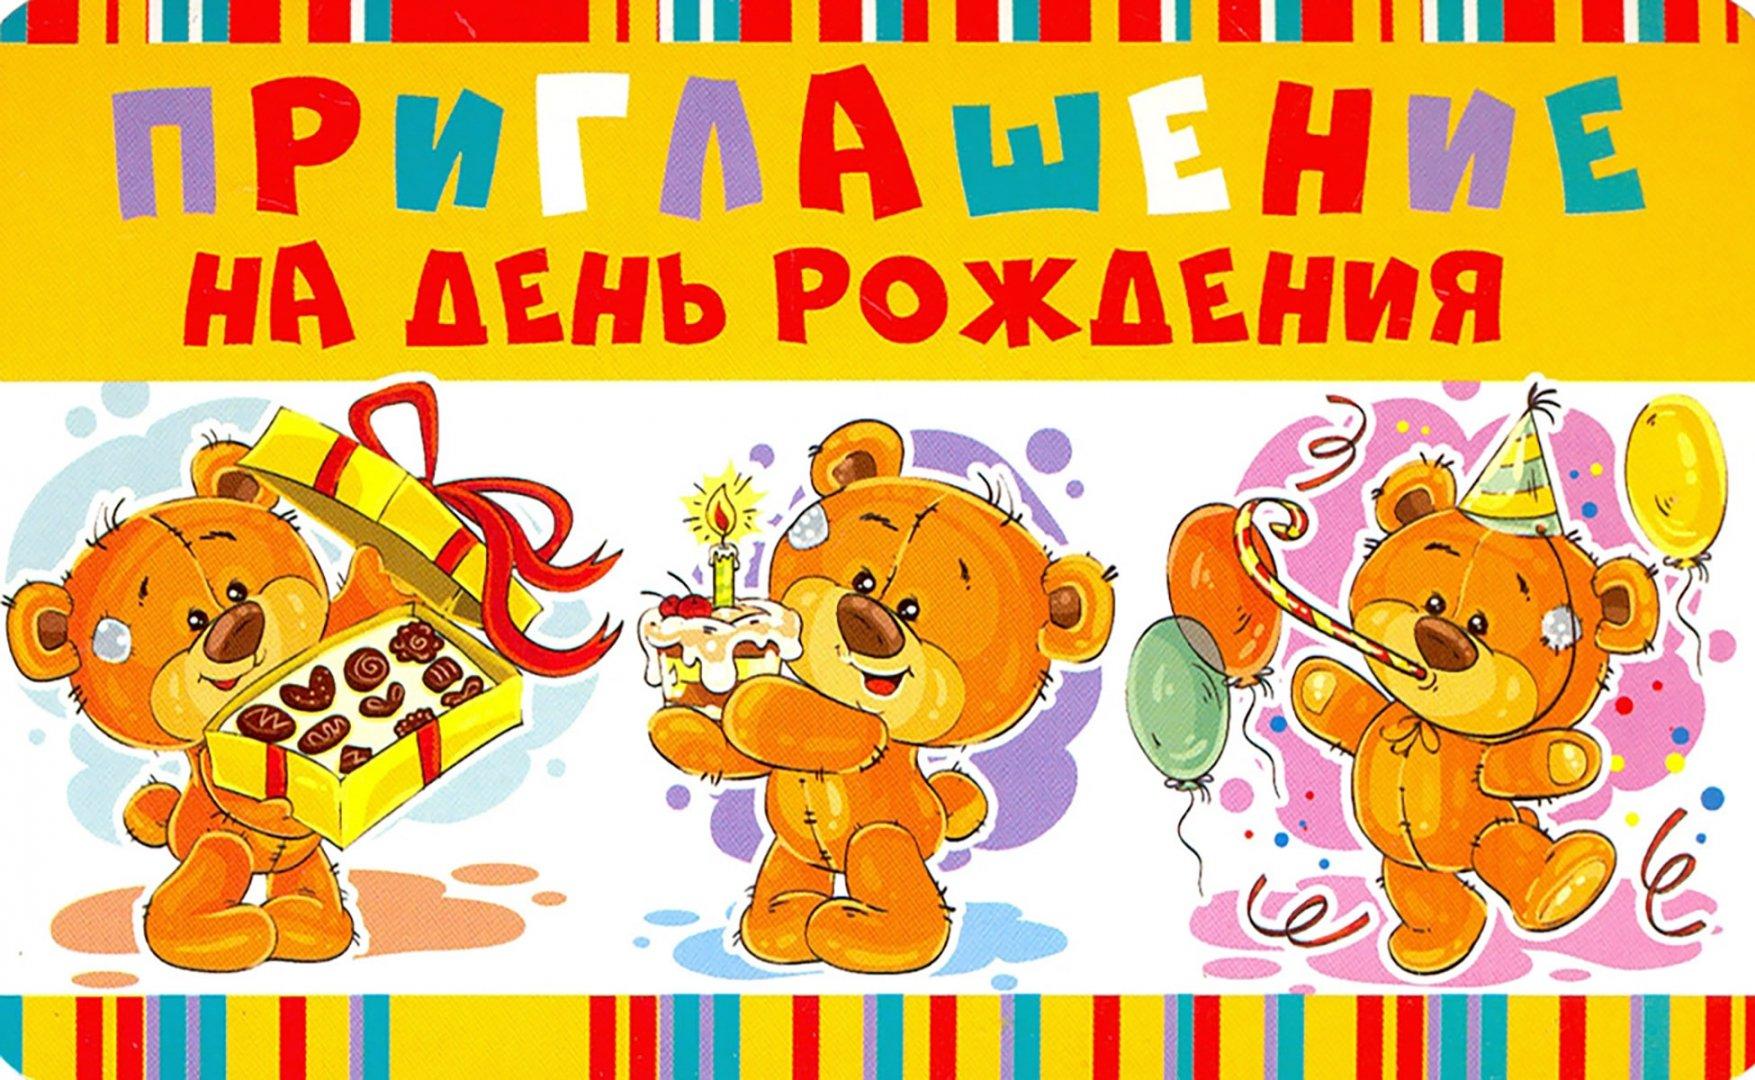 приглашение на день рождения картинки прикольные красная дорожка